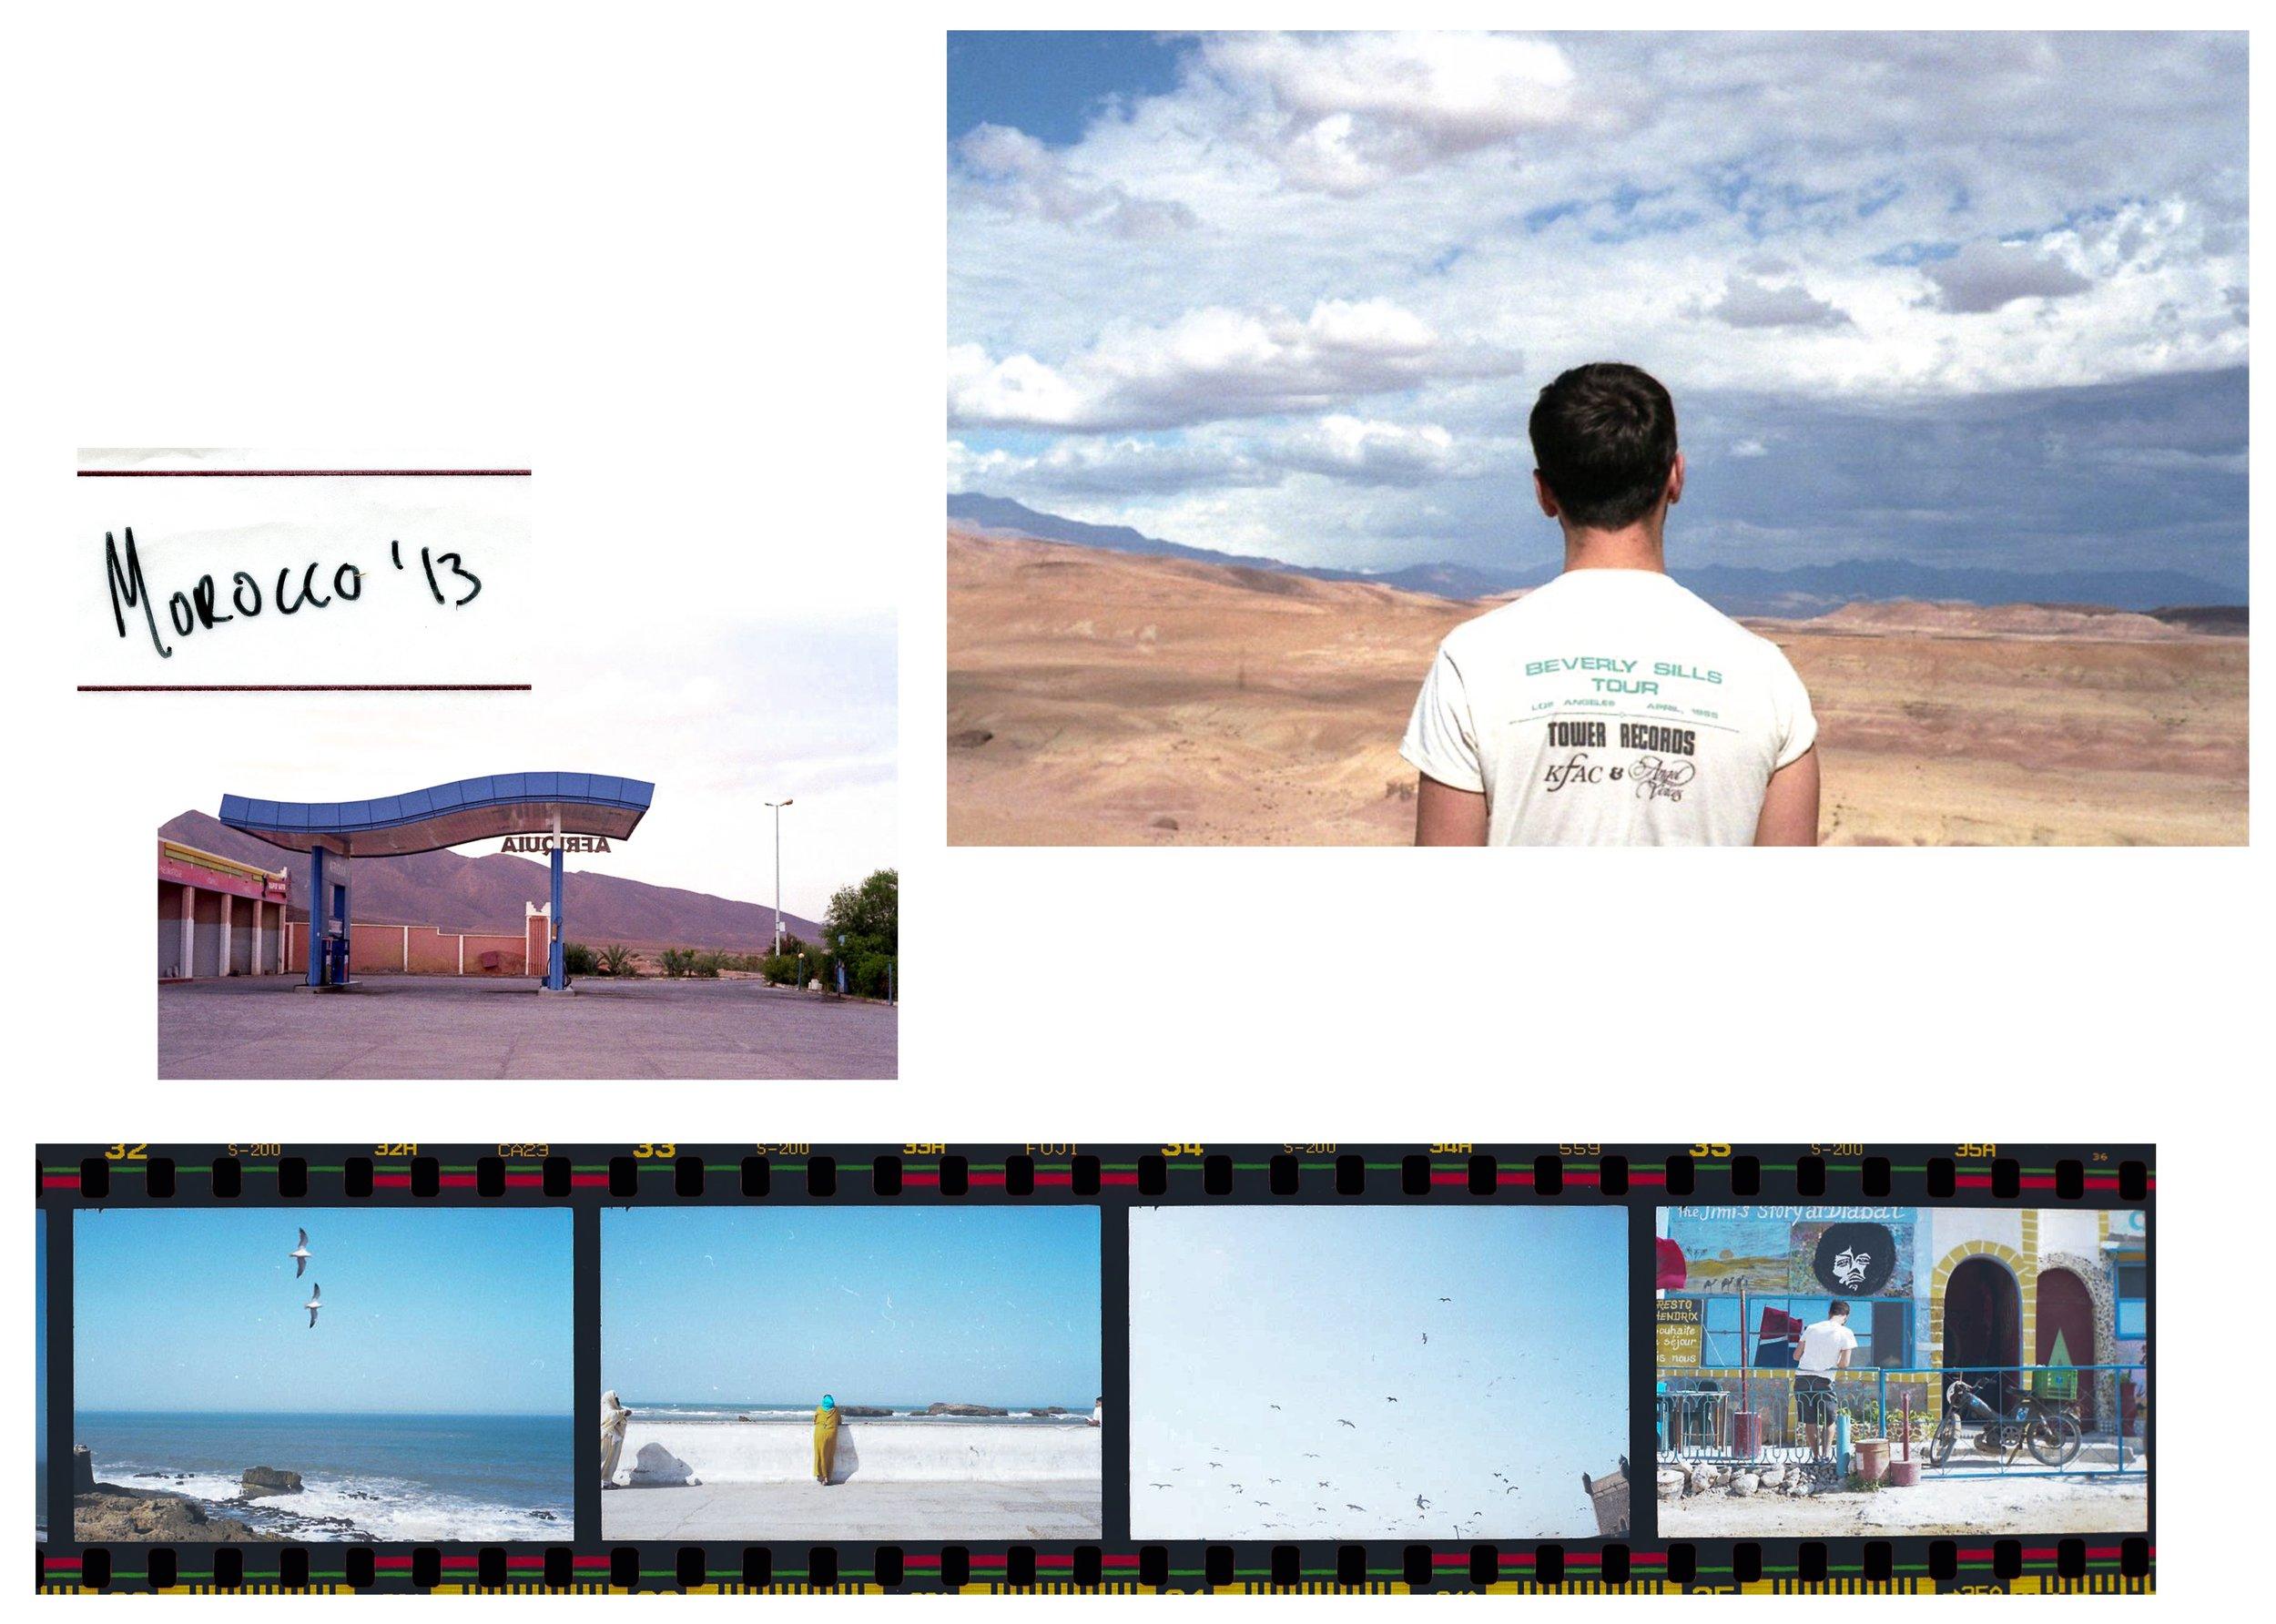 Morocco collage 1e.jpg